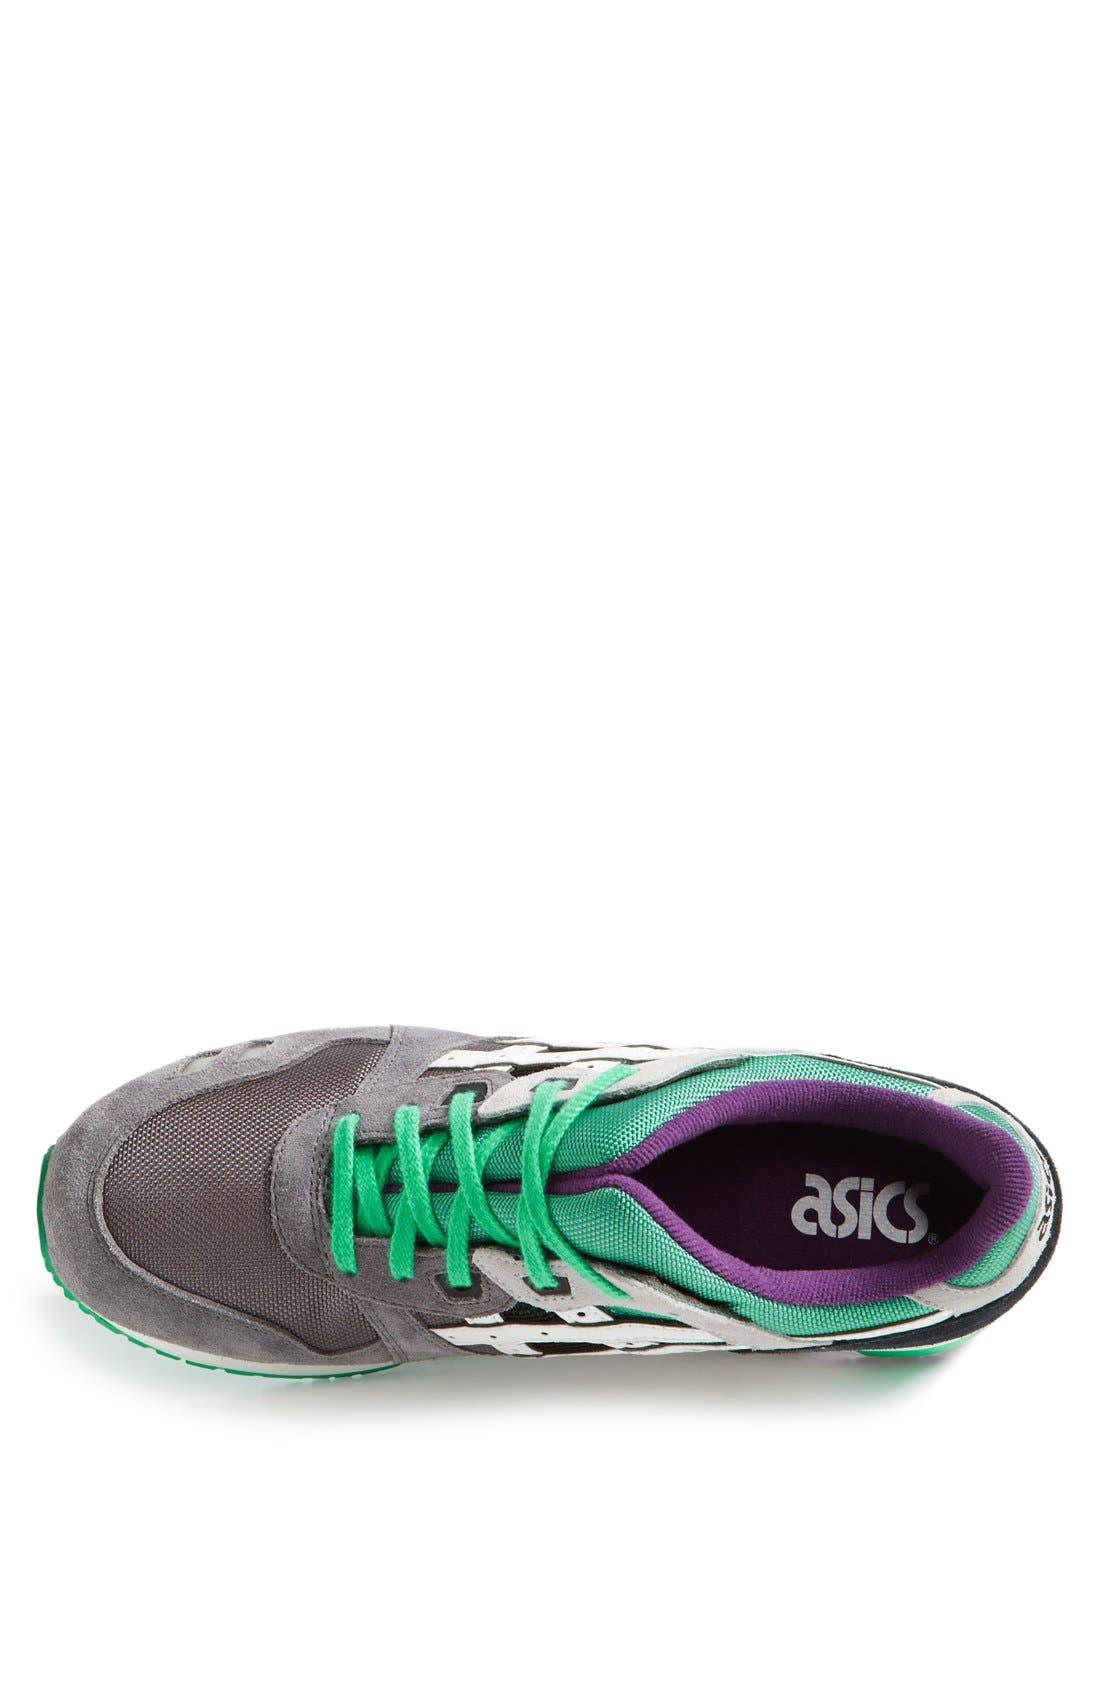 Alternate Image 3  - ASICS® 'GEL-Lyte III' Sneaker (Men)